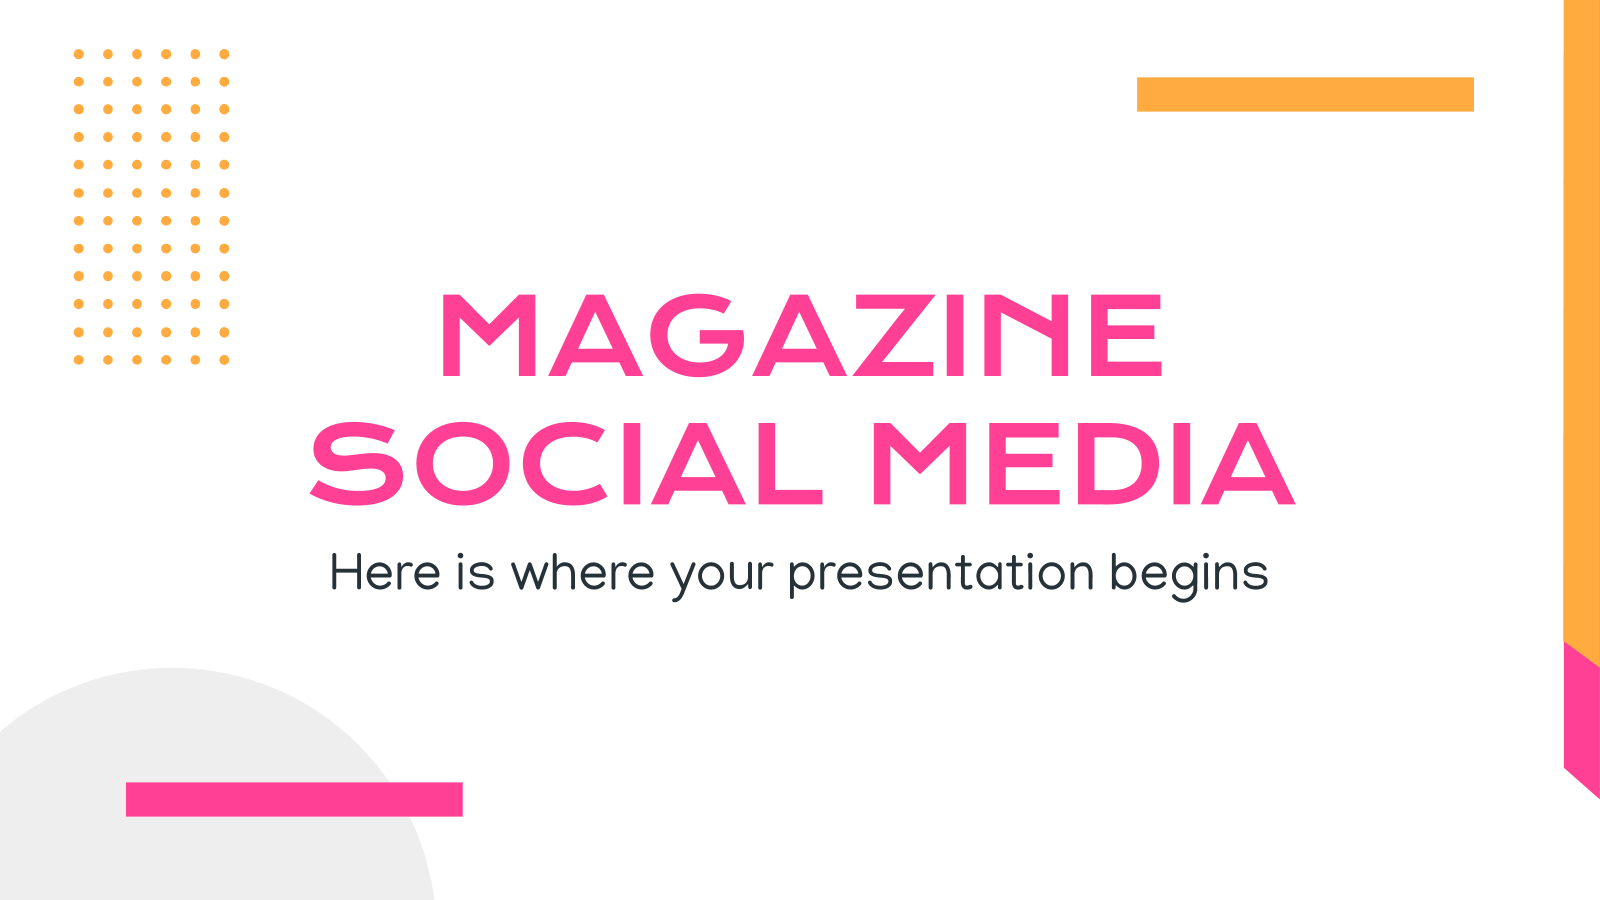 Modelo de apresentação Revista na mídia social